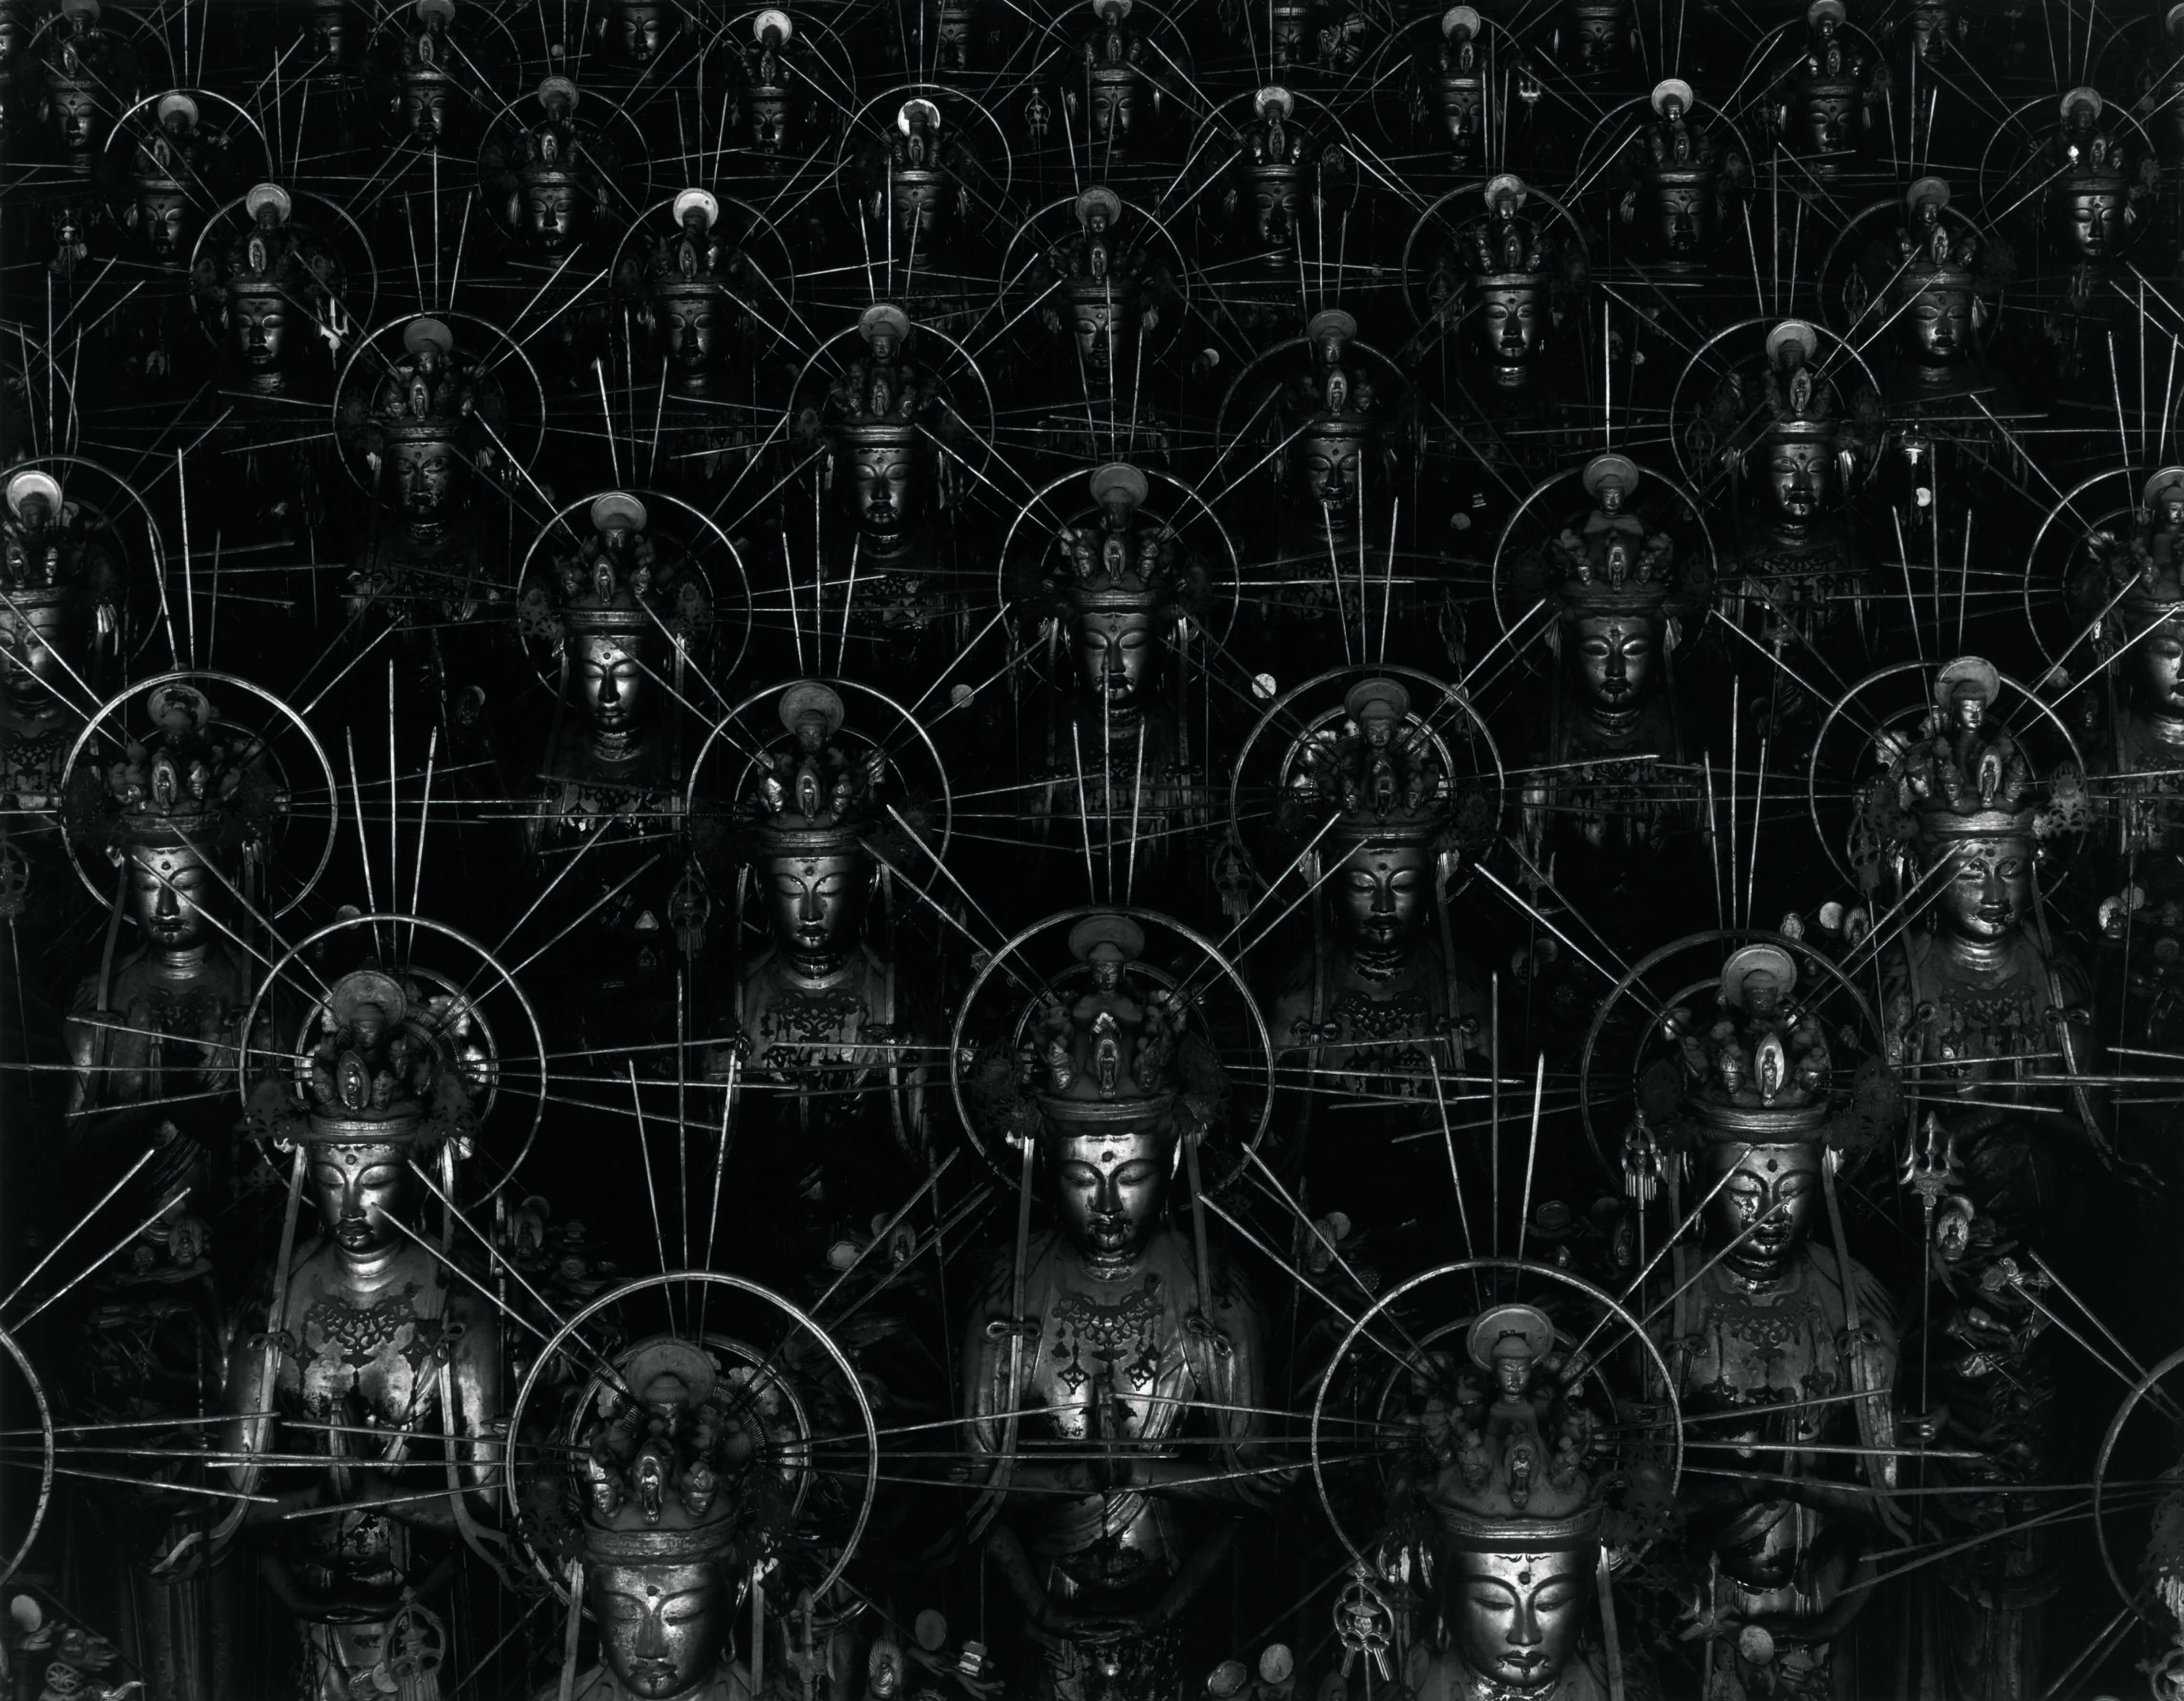 《仏の海 001》1995  © Hiroshi Sugimoto / Courtesy of Gallery Koyanagi